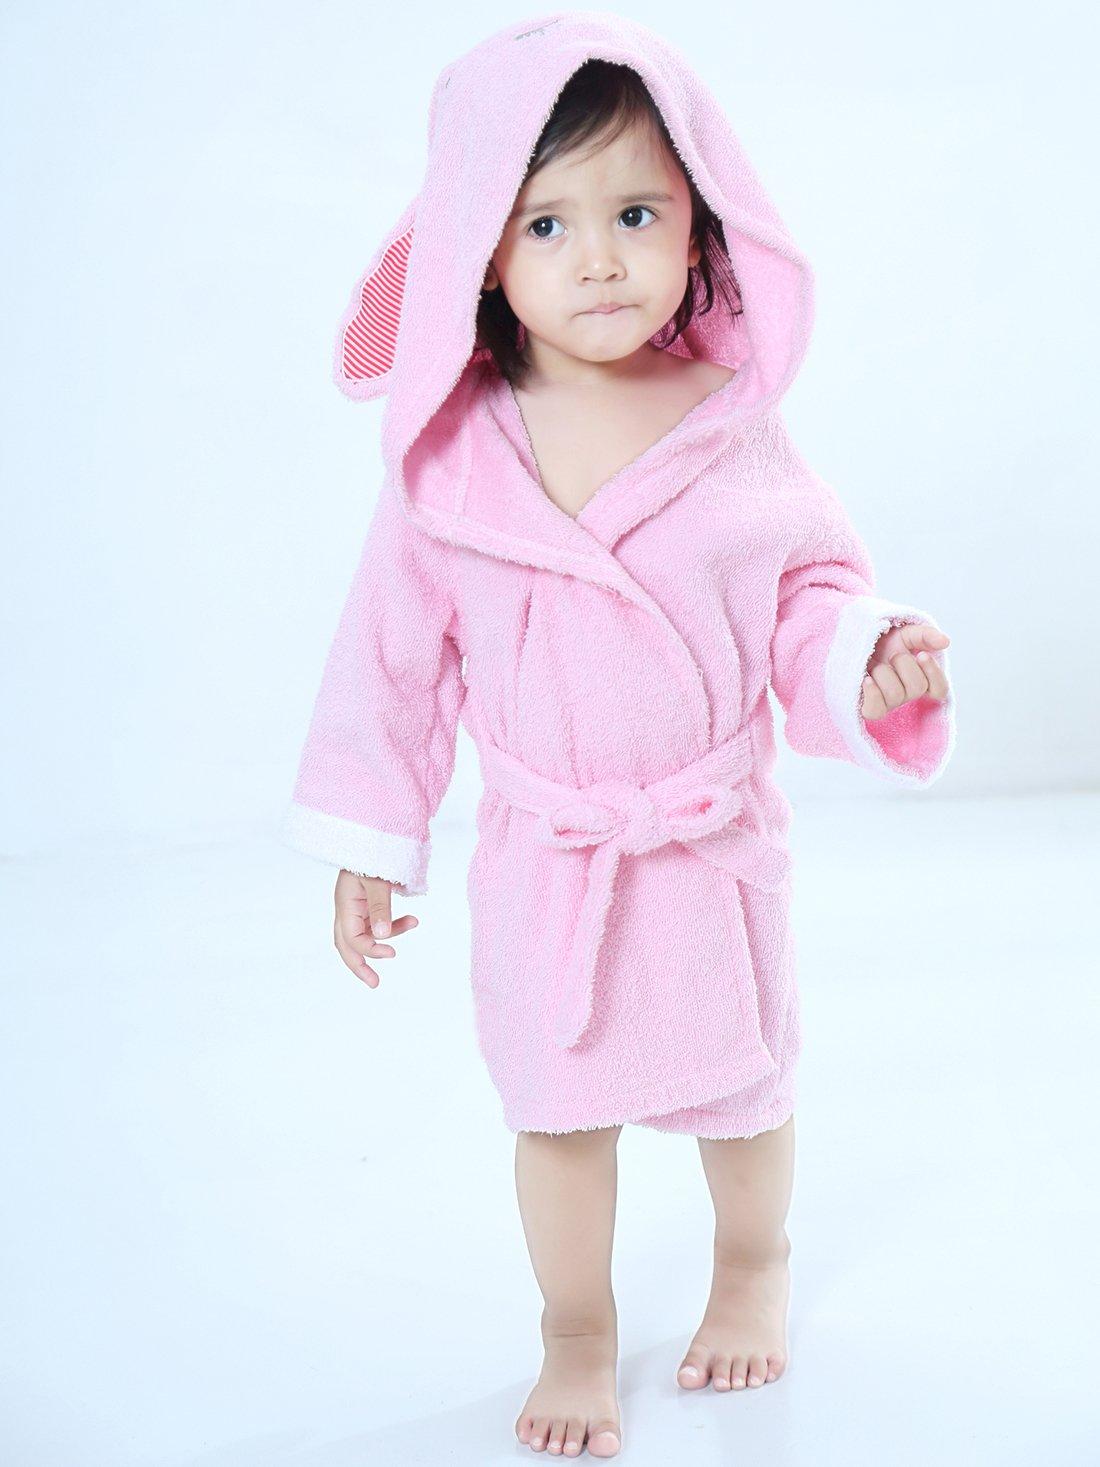 URBEAR Toalla de baño para 100% algodón Pijamas Con Capucha De Baño Para recién nacidos y bebés 1 - 3 años: Amazon.es: Bebé